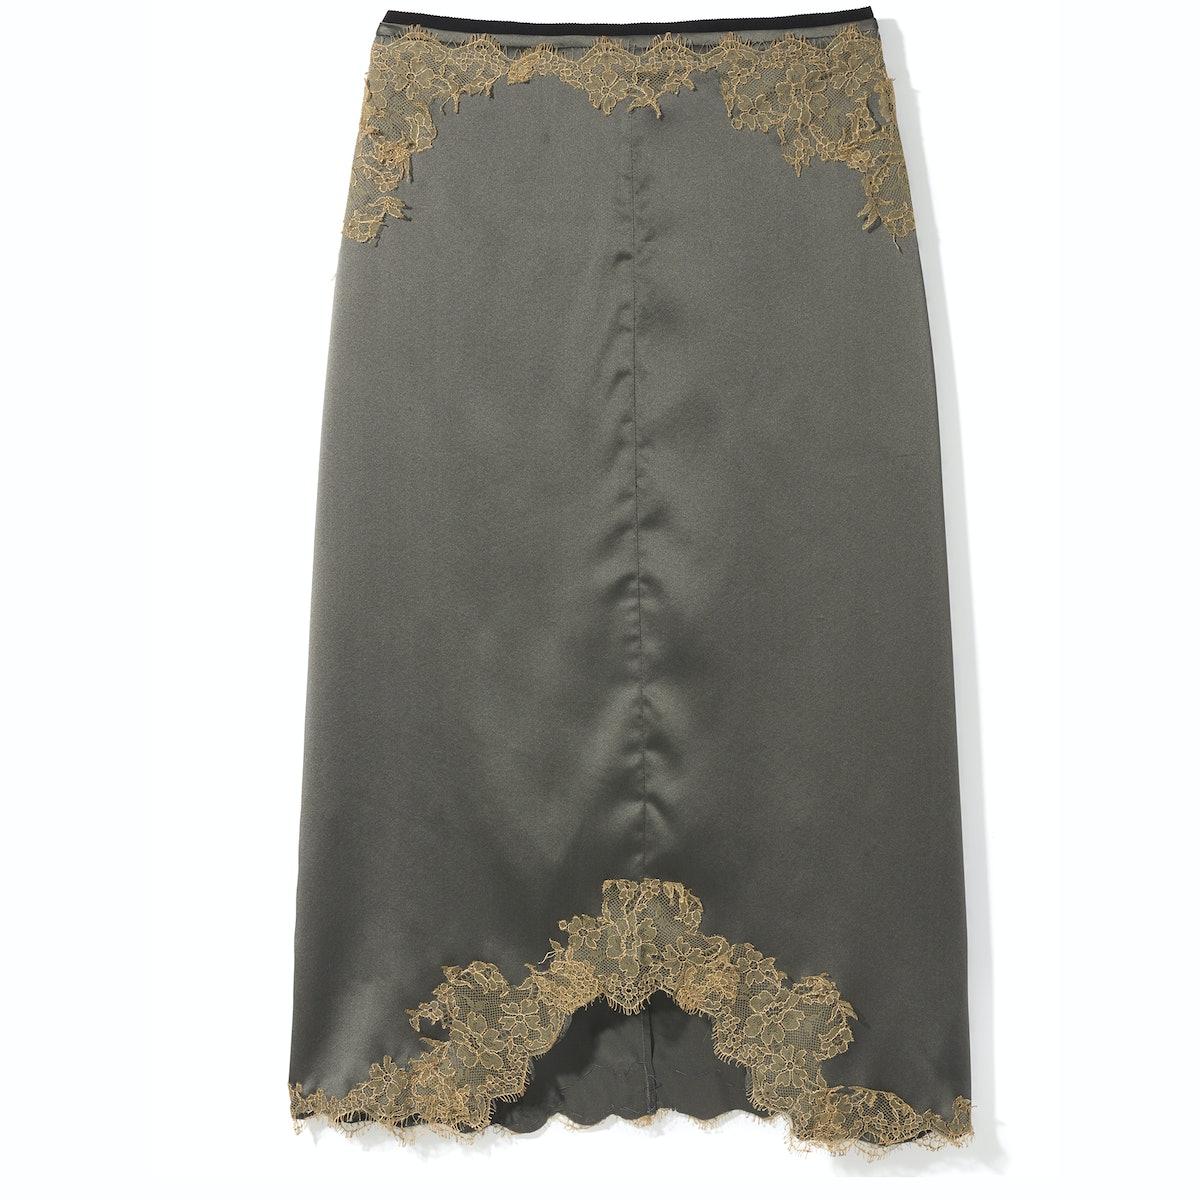 Rag & Bone skirt